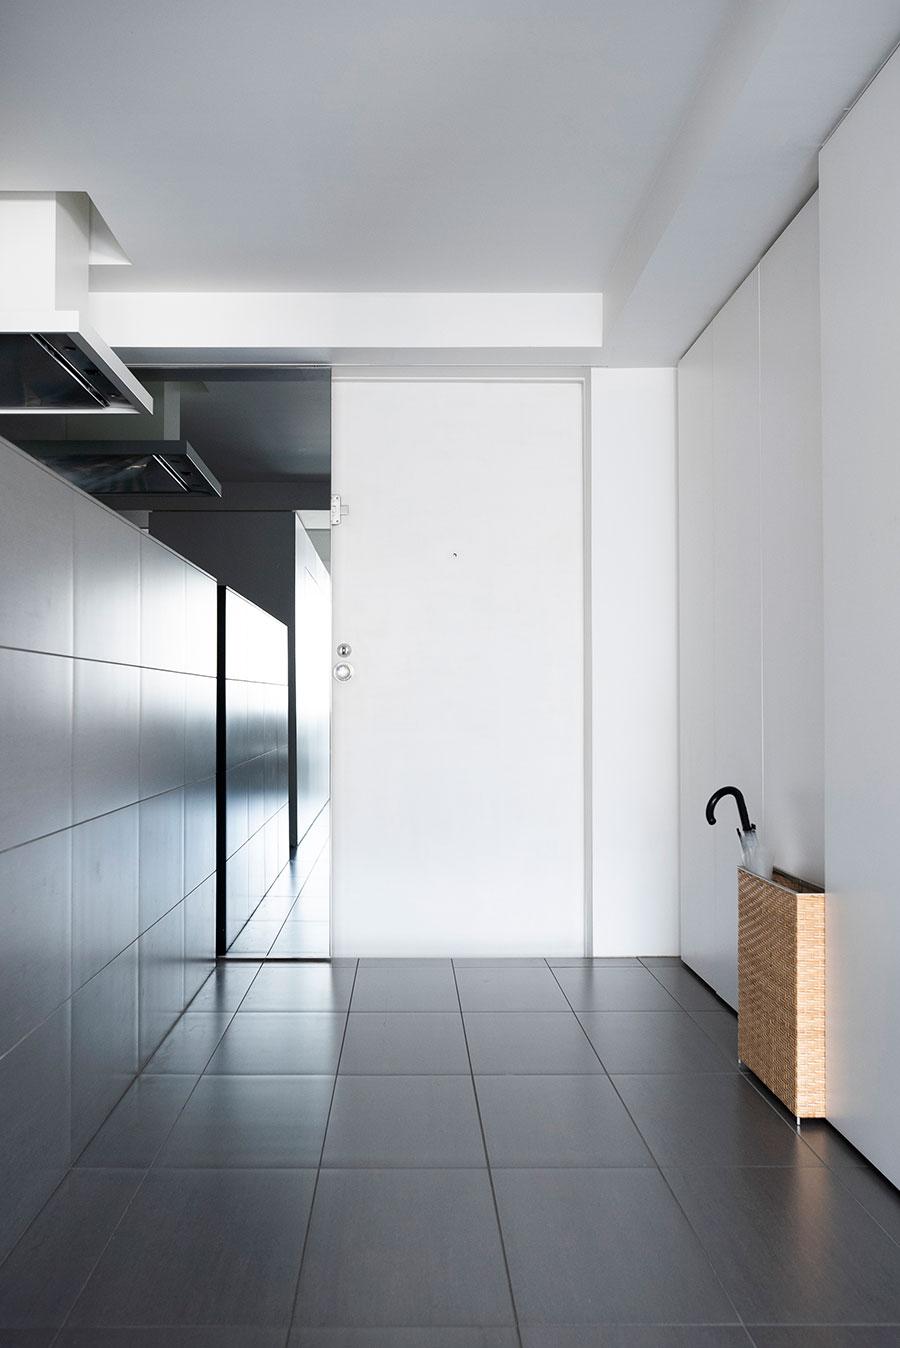 引き戸を開ければ玄関のドアが出現。右手にコートもかけられるシューズクローゼットが設けられている。